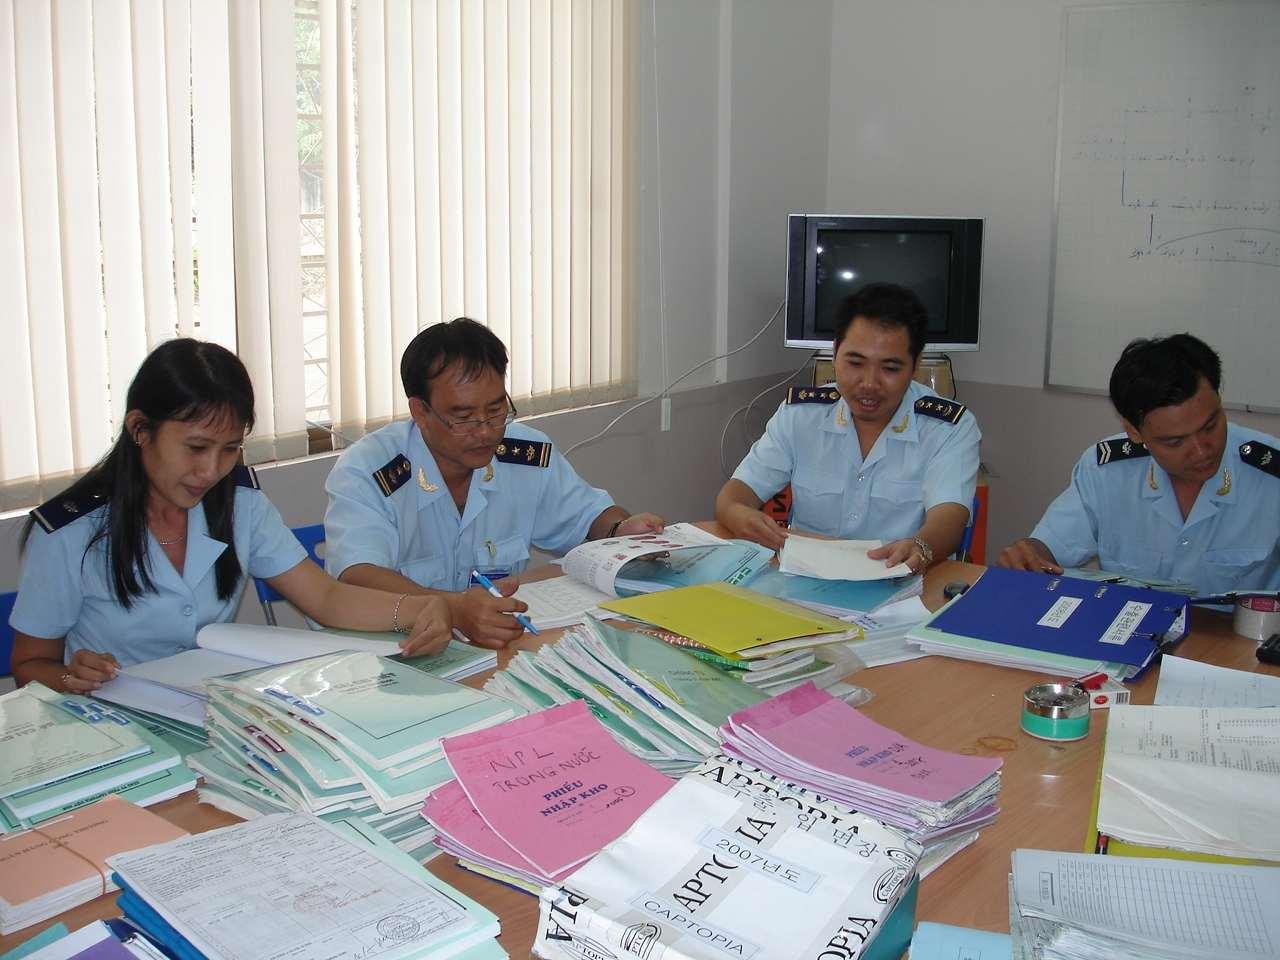 Hồ sơ hải quan cần nhiều loại giấy tờ liên quan.